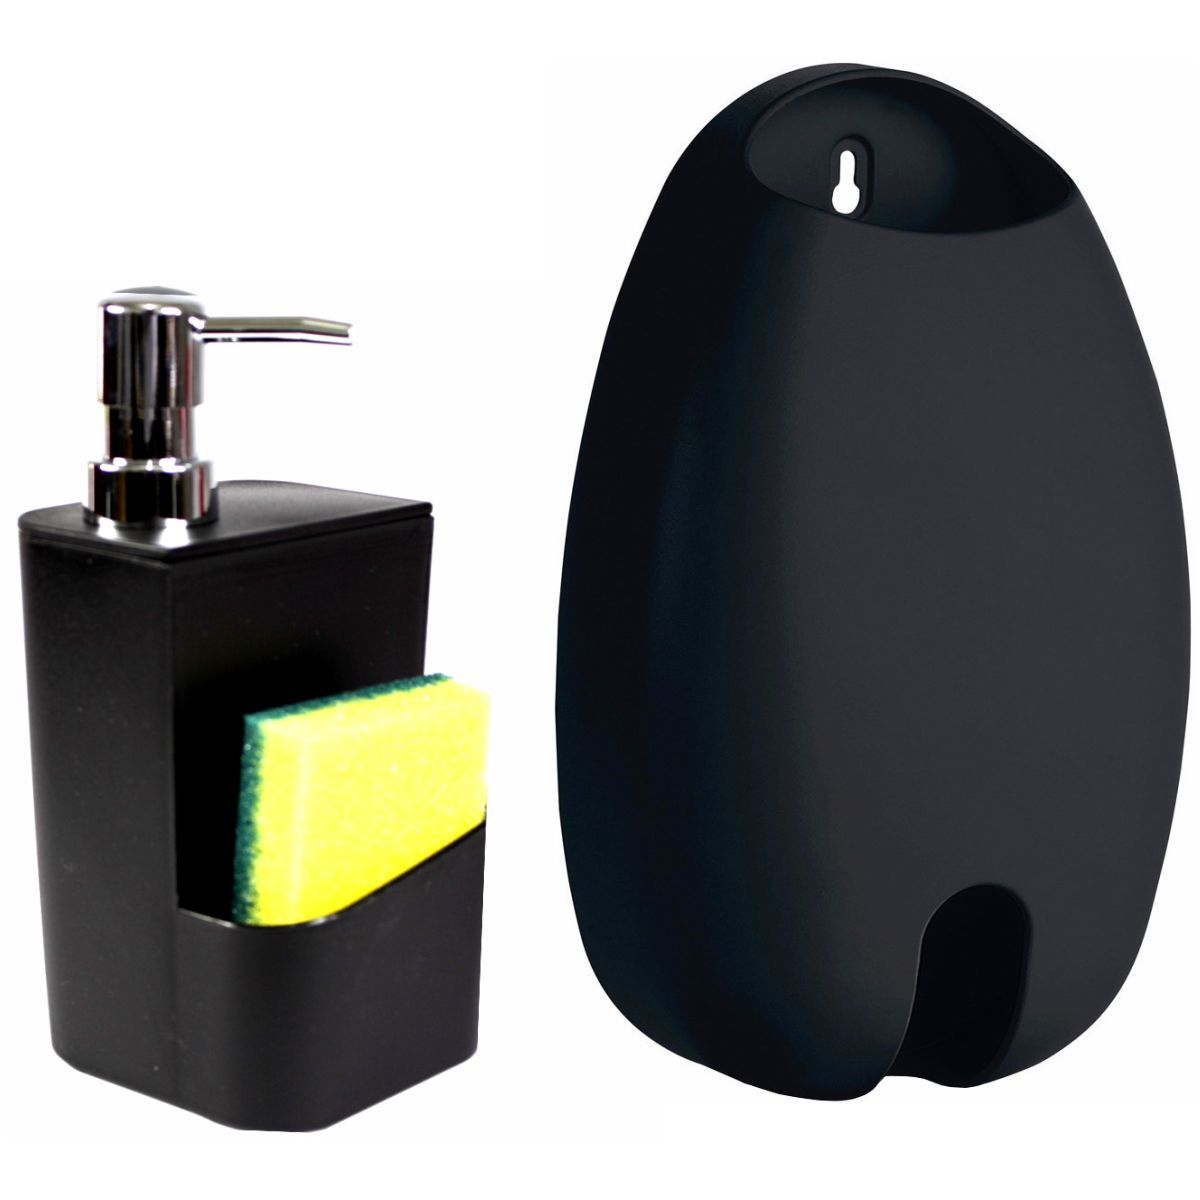 Kit Dispenser Detergente e Suporte Sacolinha